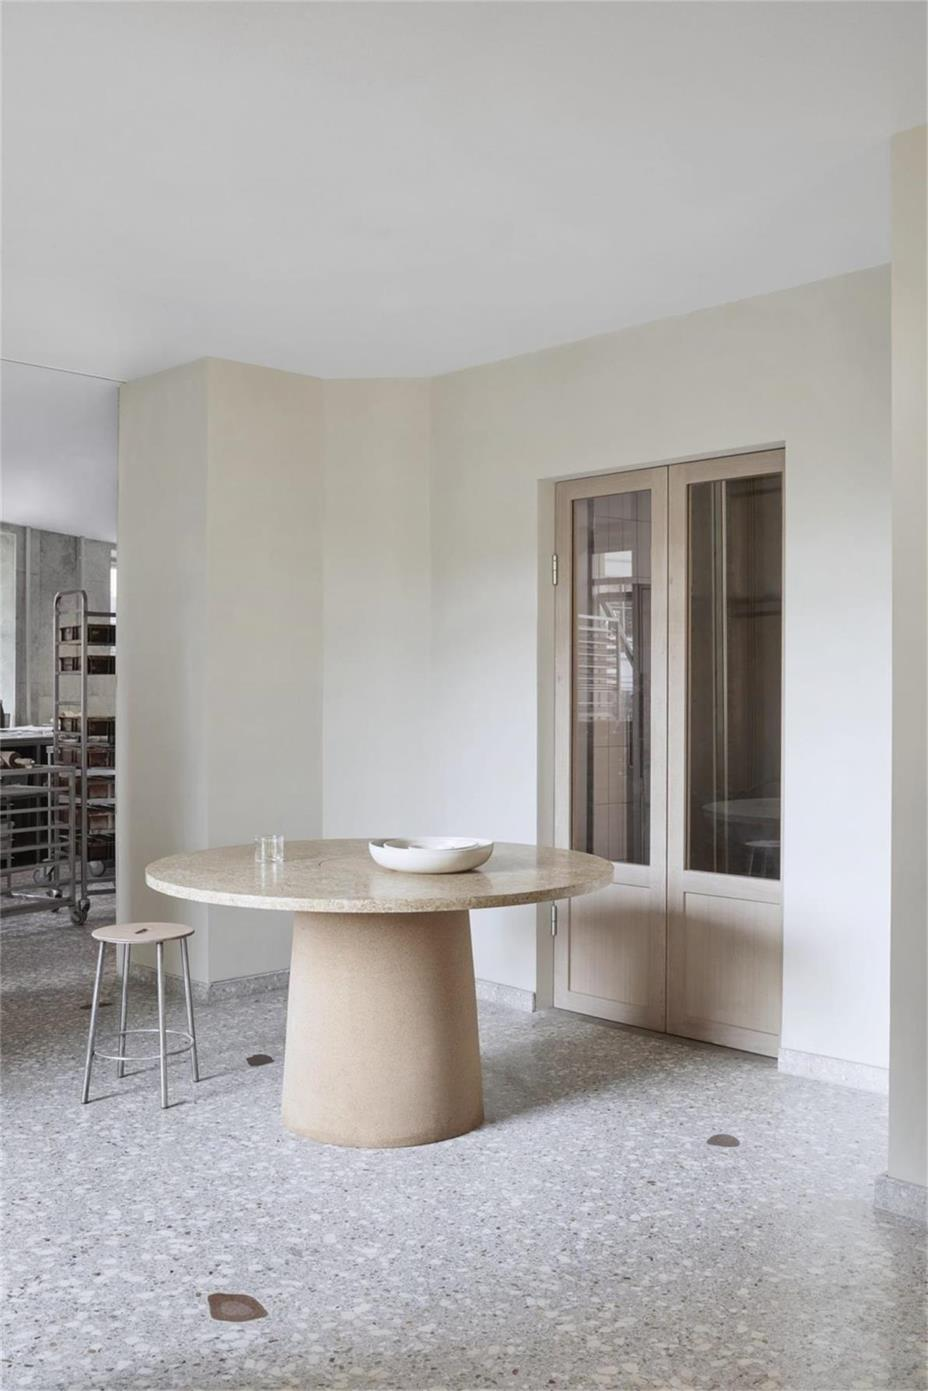 烘焙店大理石圆桌设计